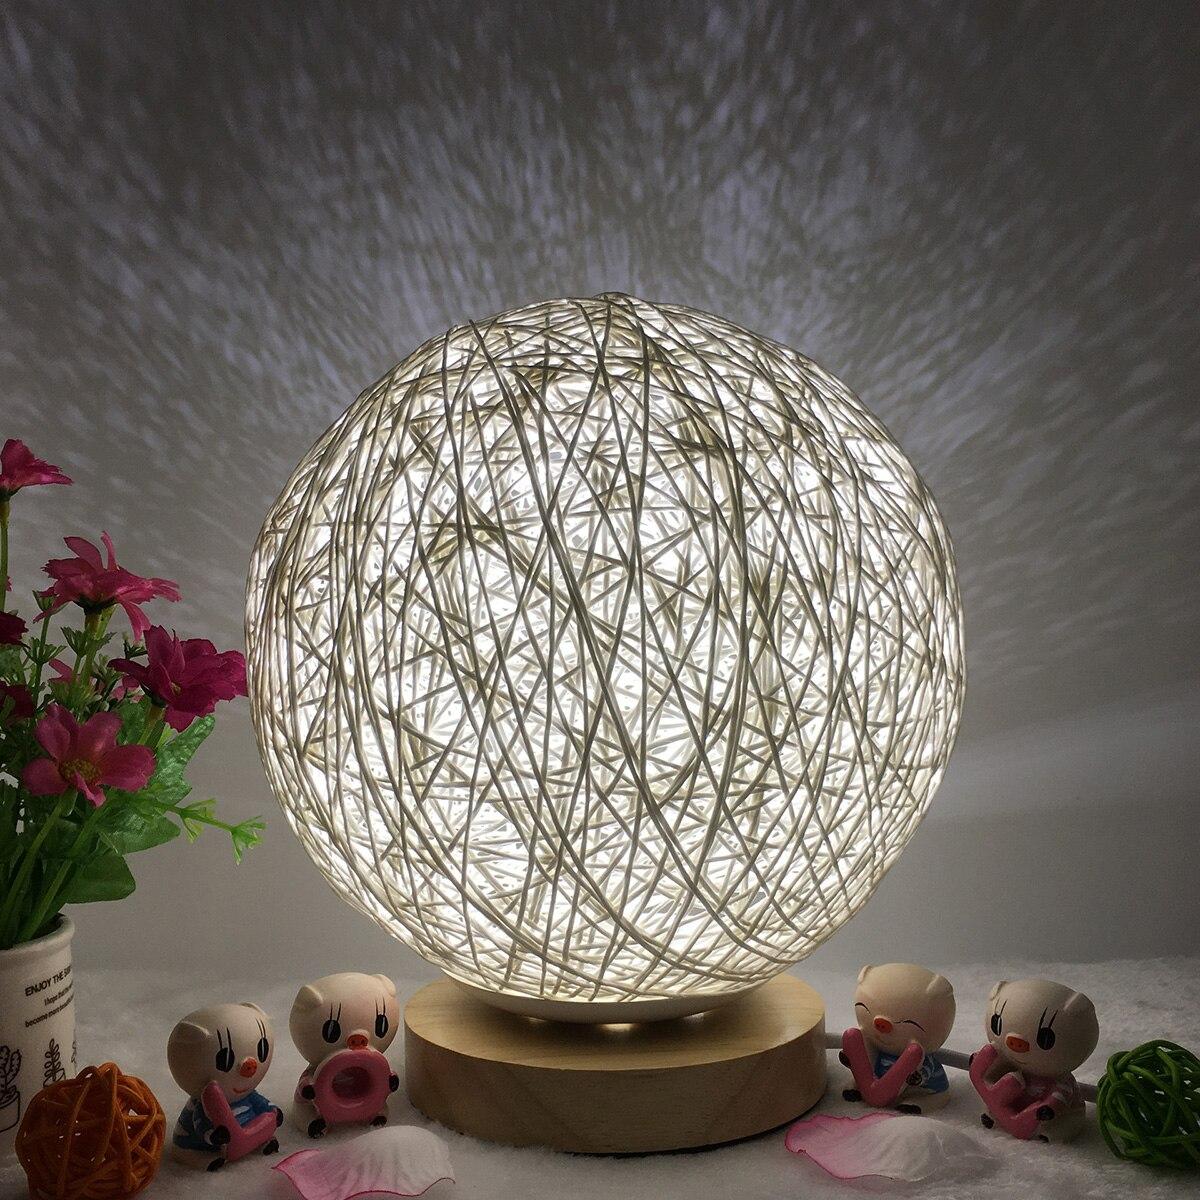 โคมไฟสร้างสรรค์มือถักโคมไฟไม้โคมไฟดวงจันทร์ USB ห้องนอนตกแต่งบ้าน Moonlight Night Light